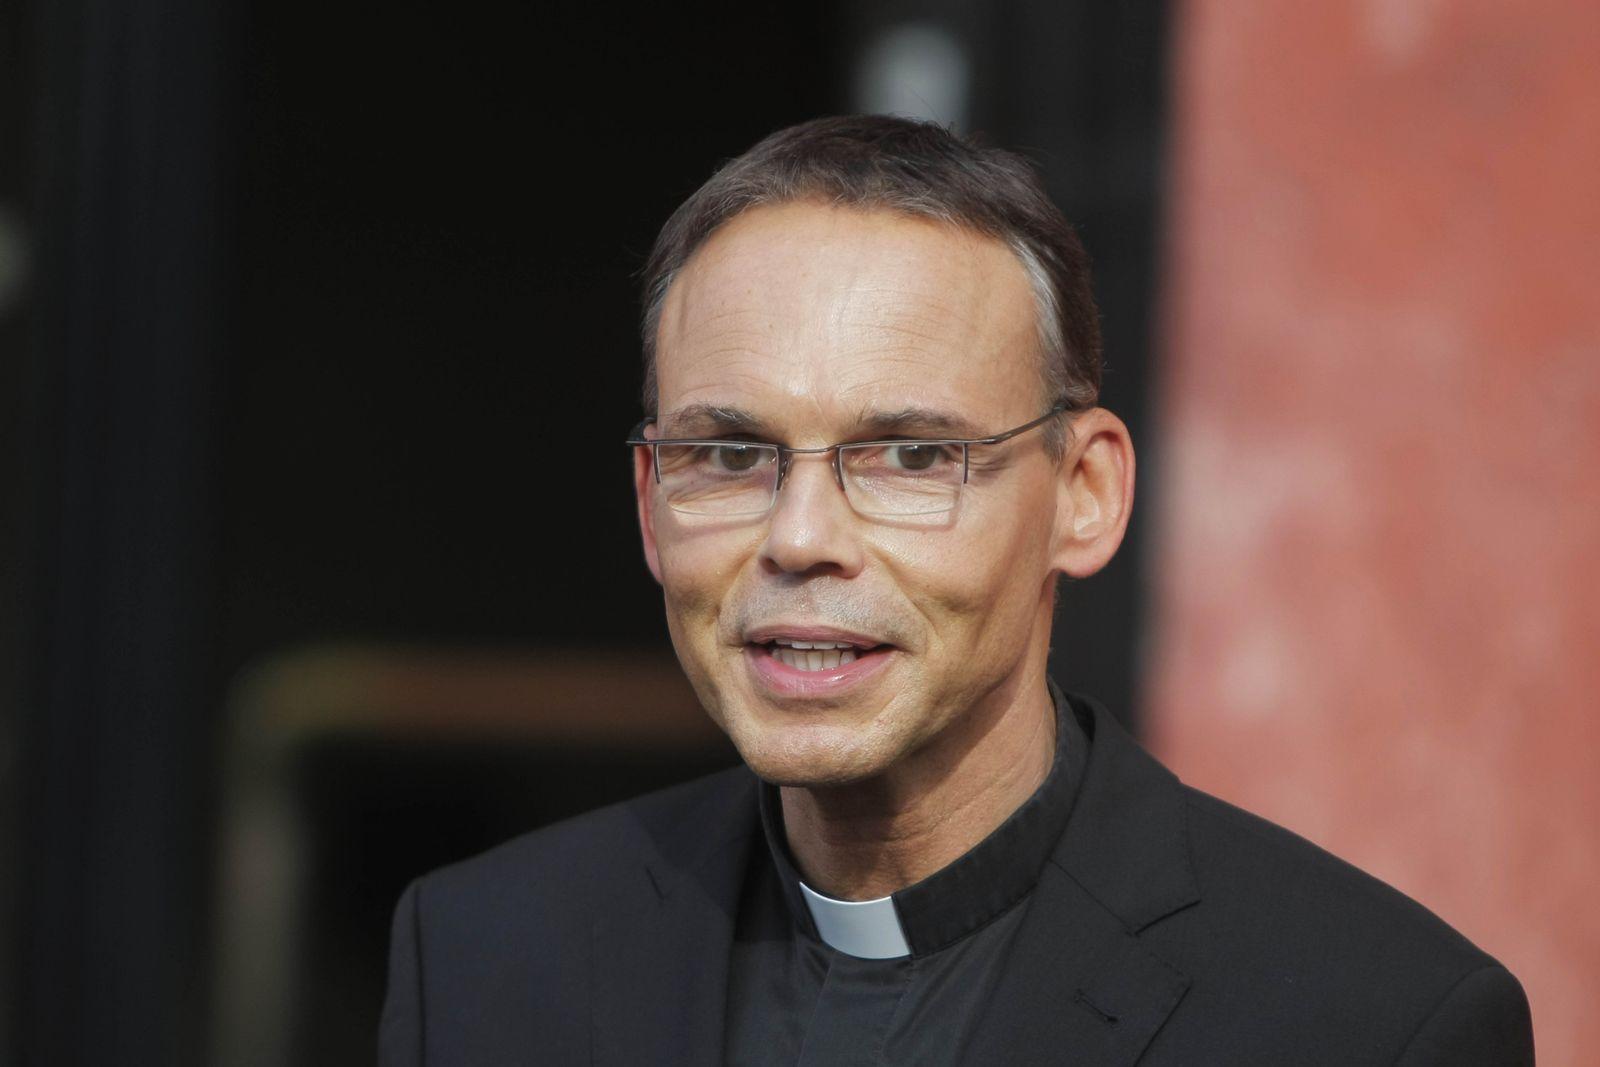 Franz-Peter Tebartz-van Elst